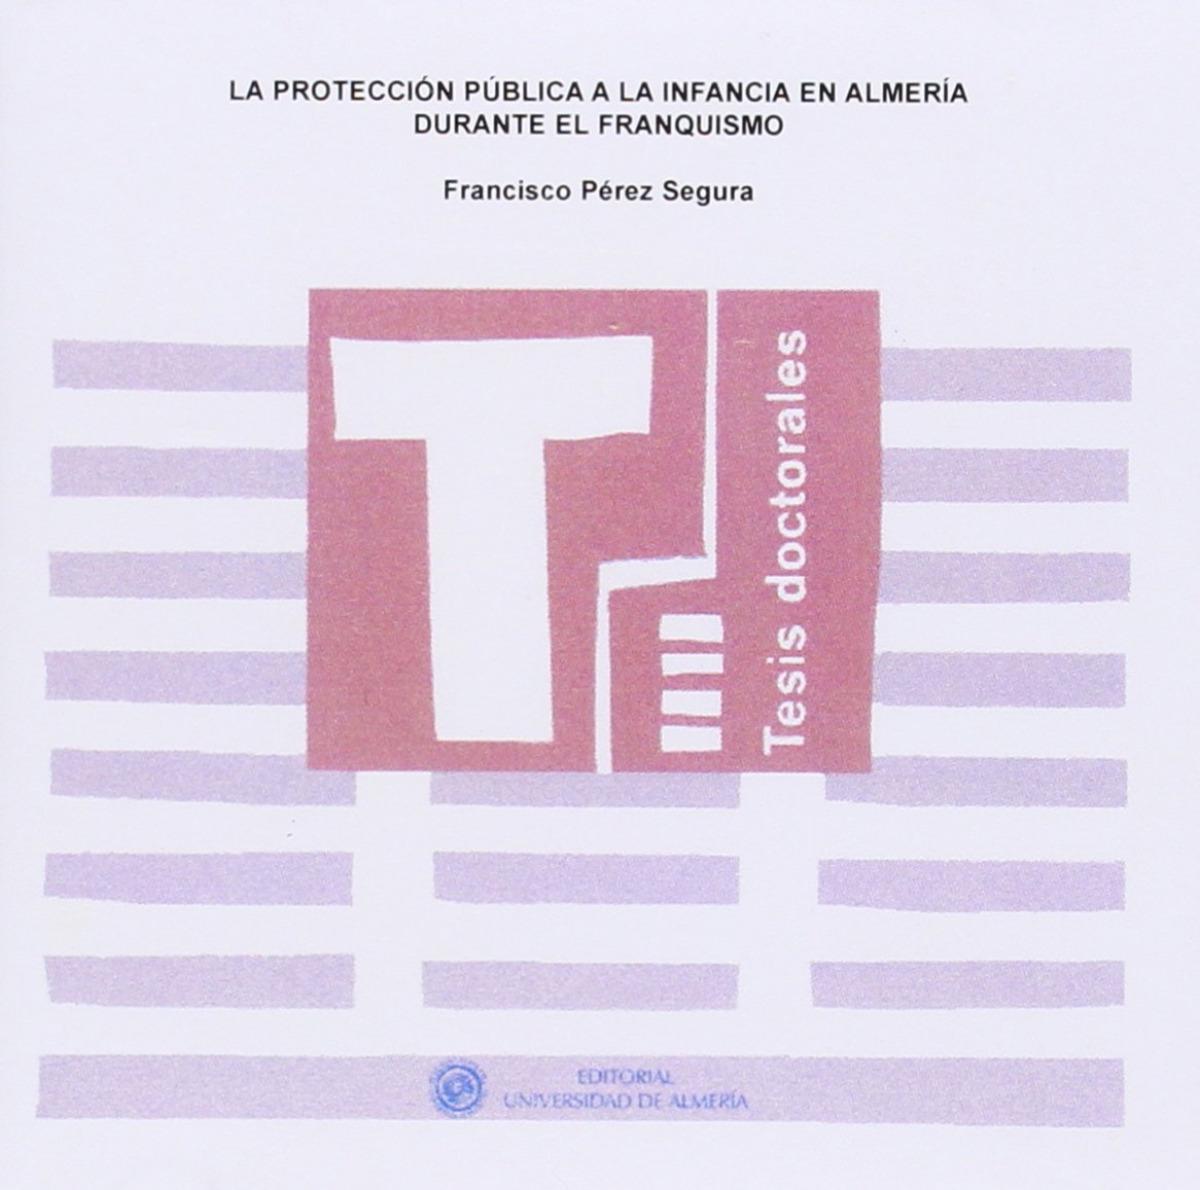 La protección pública a la infancia en Almería, durante el f - Pérez Segura, Francisco